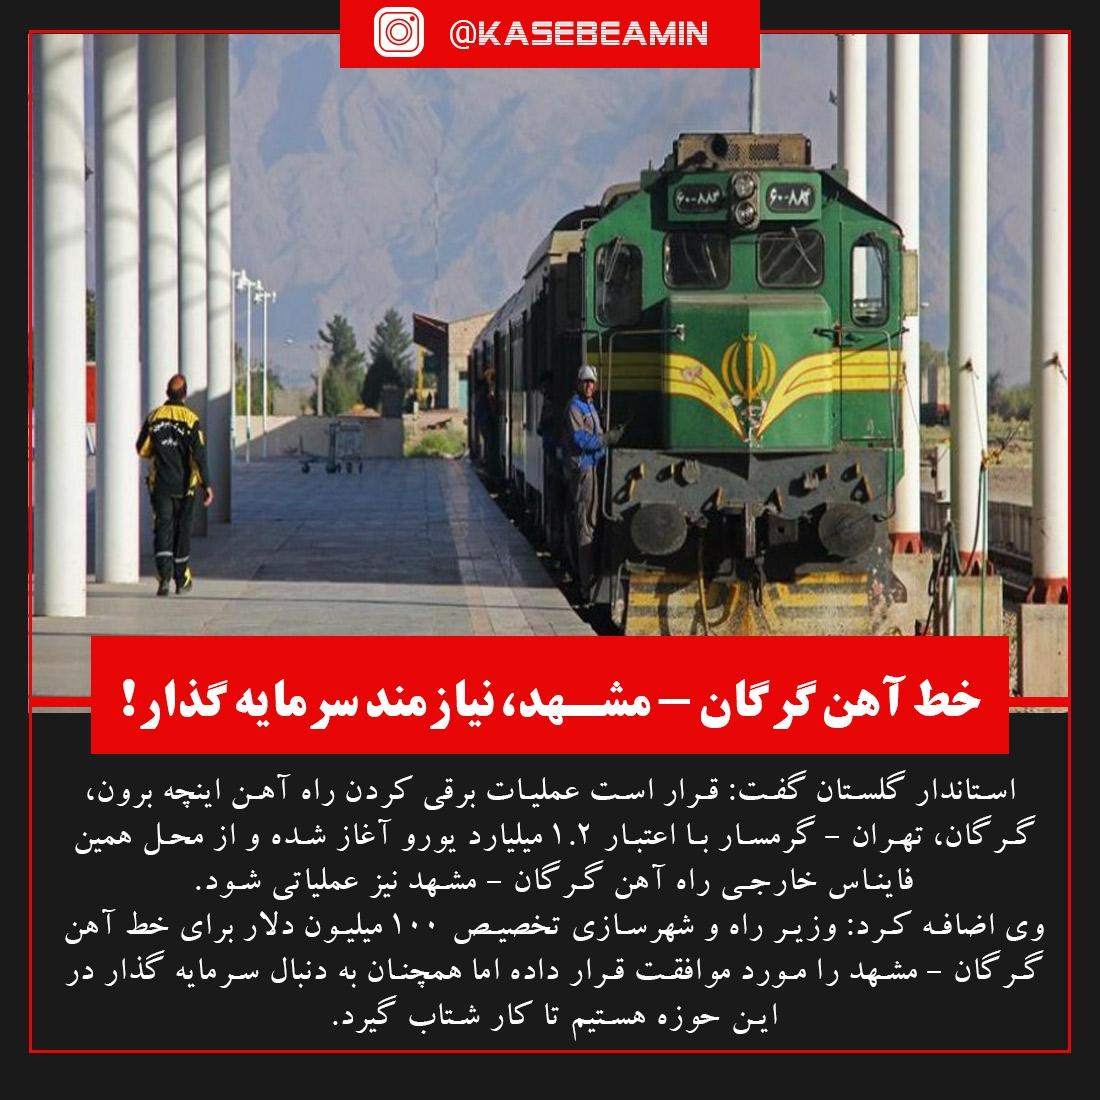 بی تدبیری دولت در گلستان تا اخراج نیرو ها11